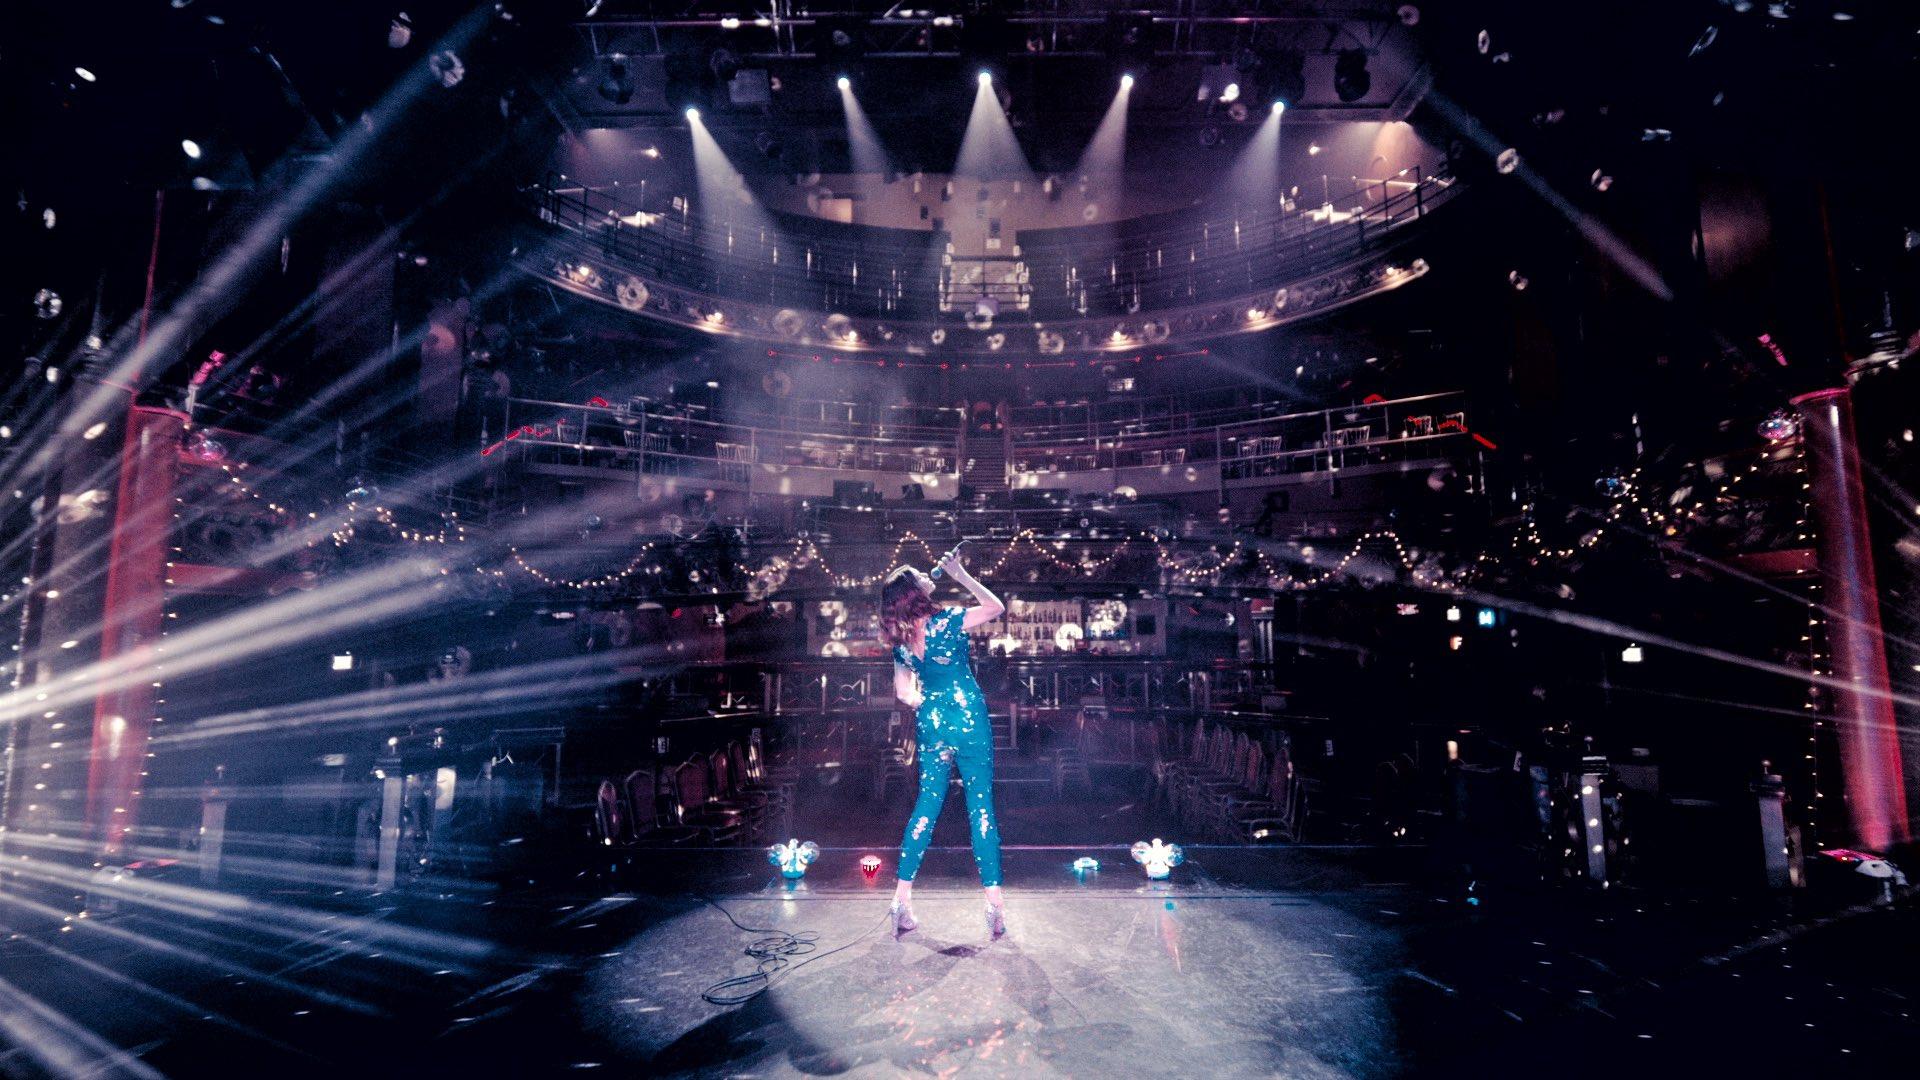 Sophie Ellis-Bextor sorprende en Halloween con una improvisada versión de Kate Bush